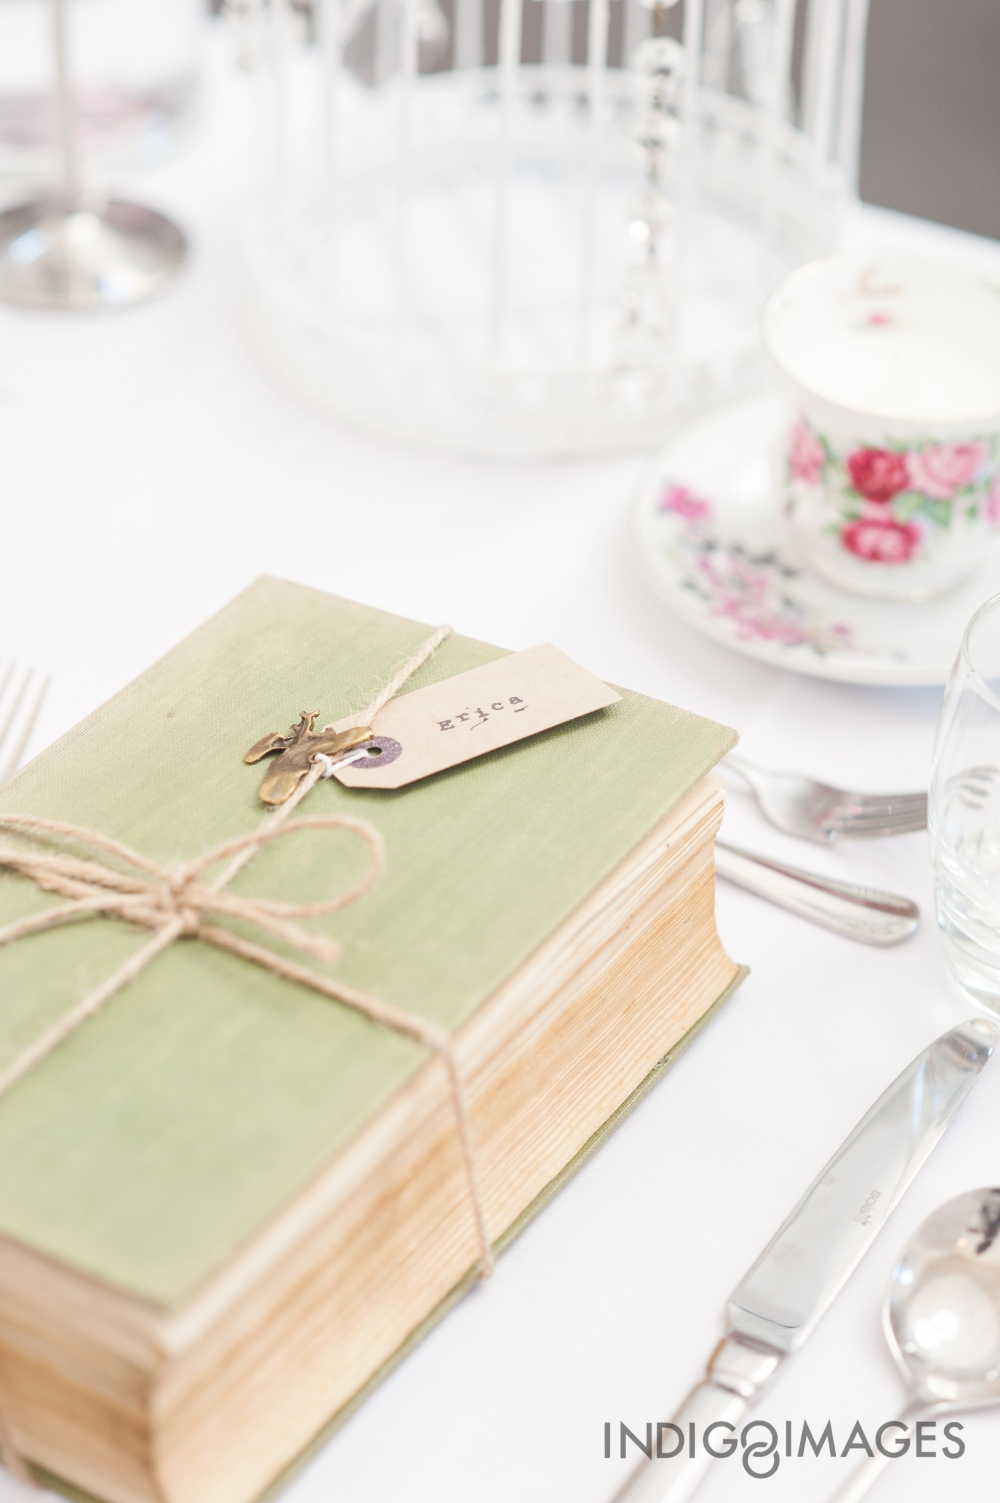 Wedding Favours - Antique books